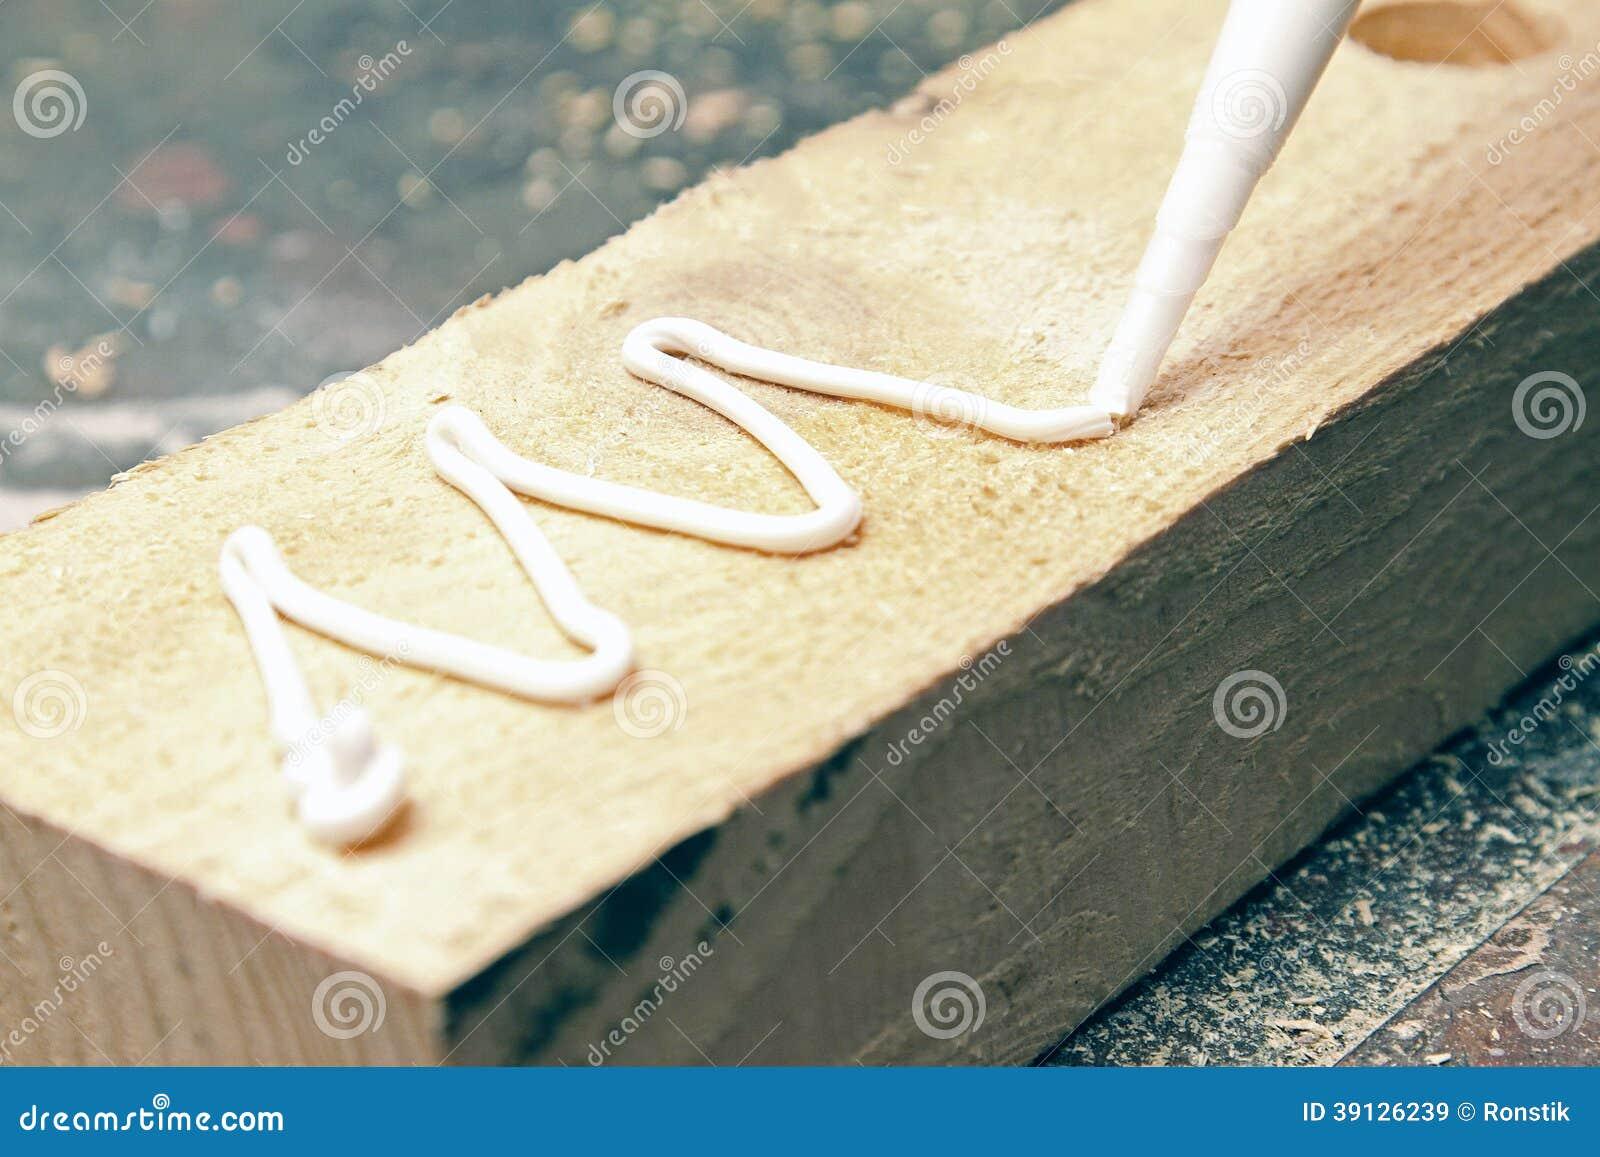 Sätta lim på ett stycke av trä